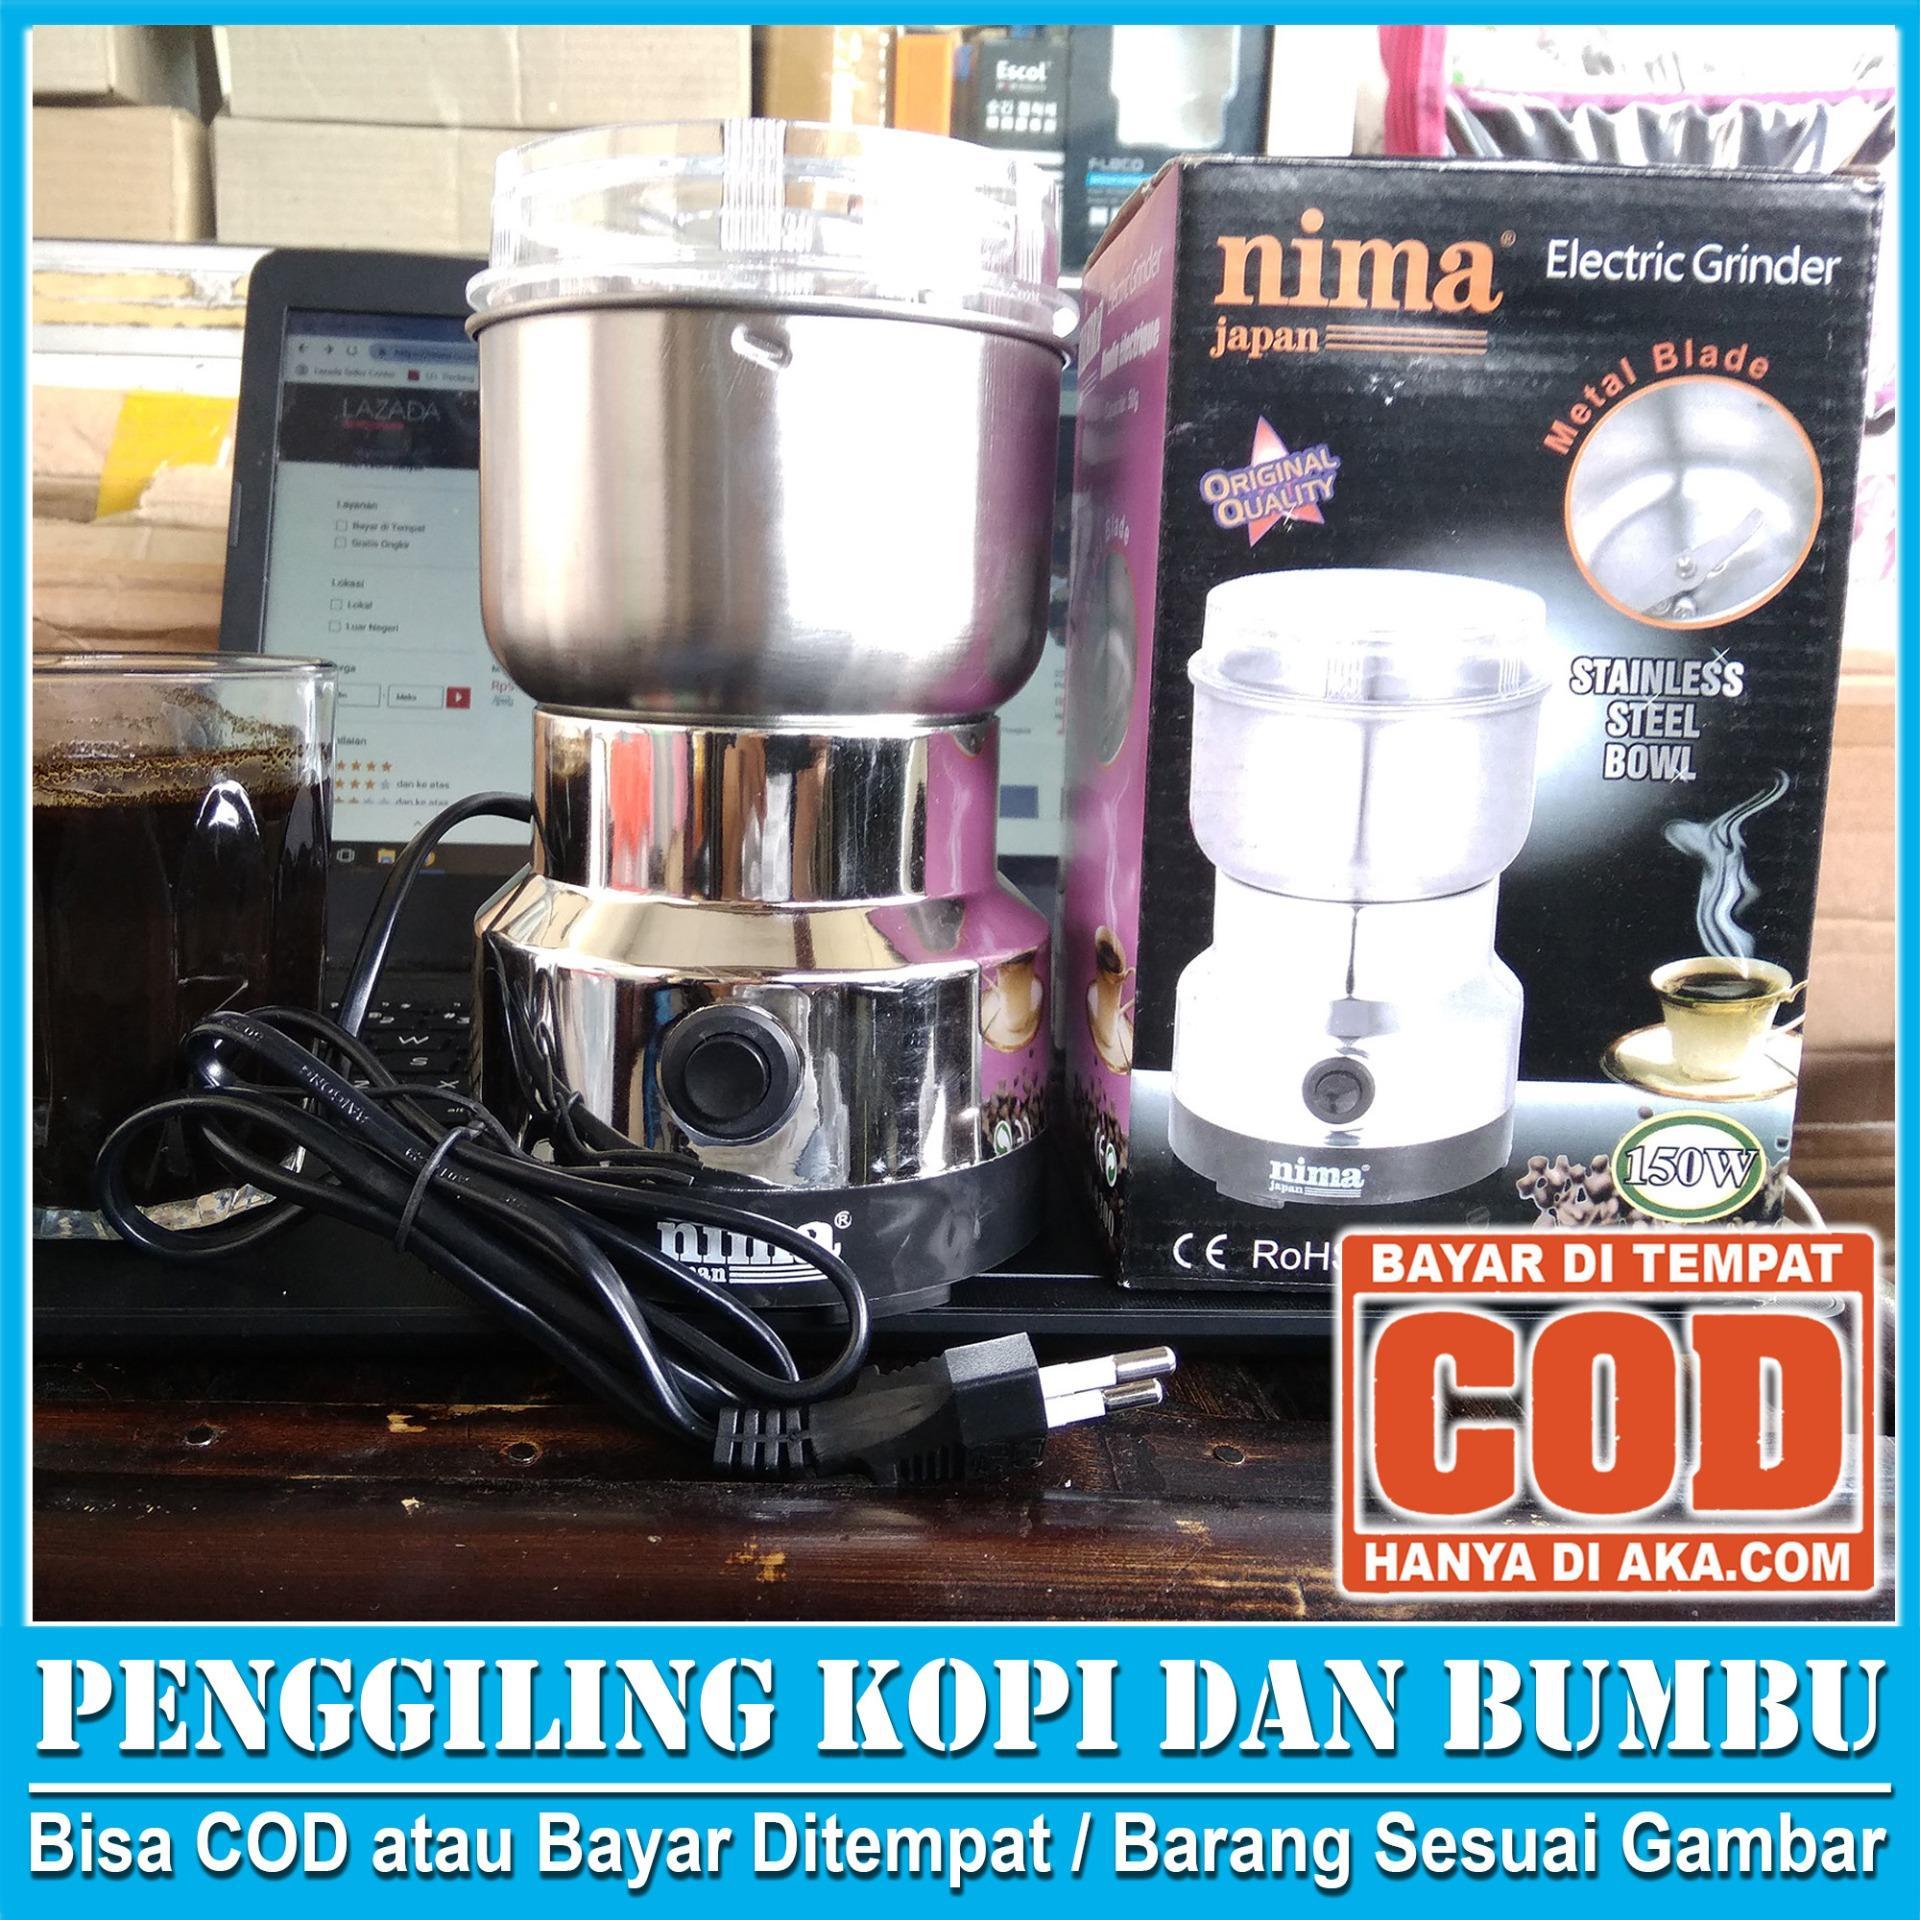 COFFEE GRINDER LISTRIK NIMA, GILINGAN KOPI PENGGILING KOPI ORIGINAL, PENGHANCUR BIJI KOPI,  - REAL PICTURE